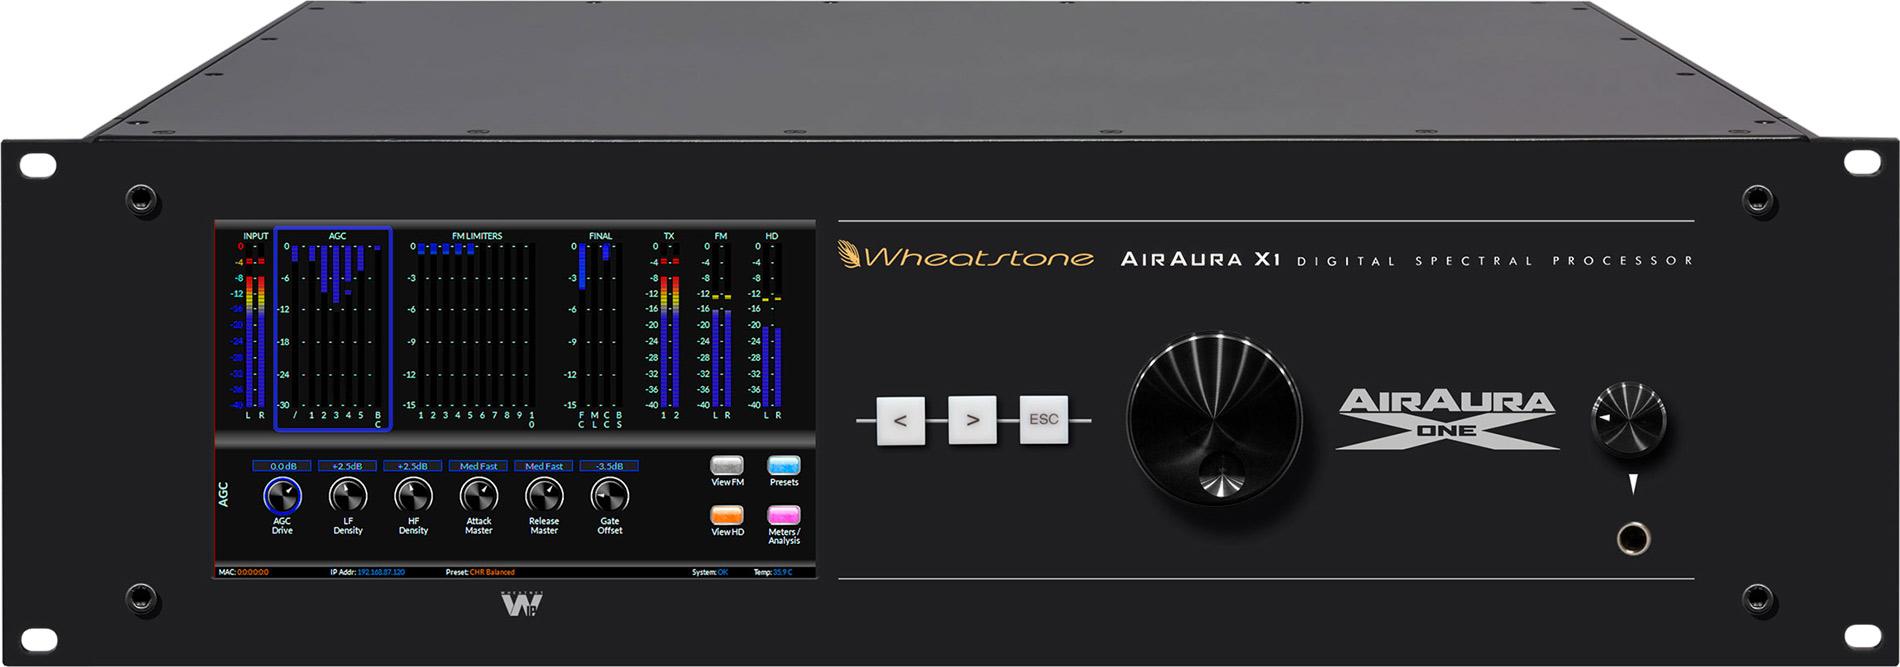 AirAura X1: front